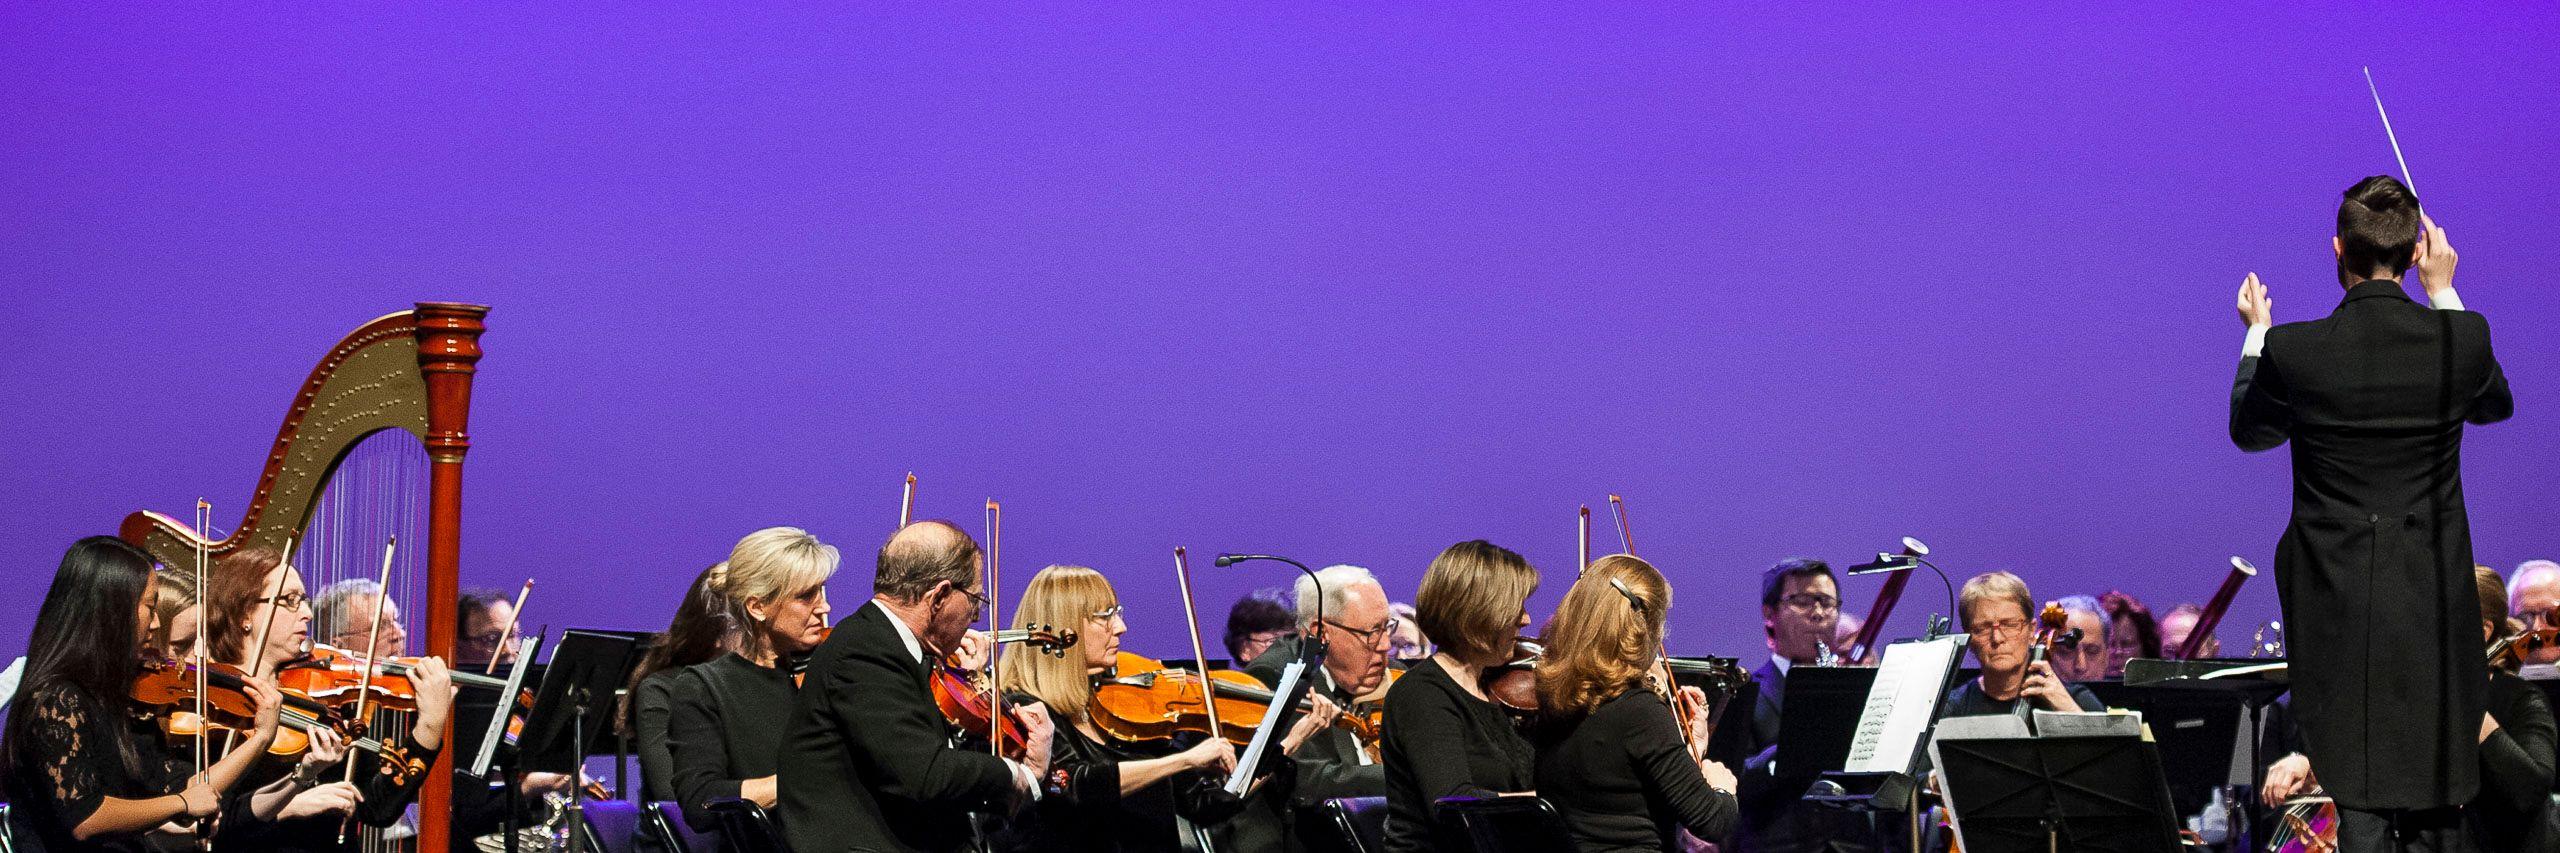 Farmington-Valley-Symphony-Orchestra-67.jpg